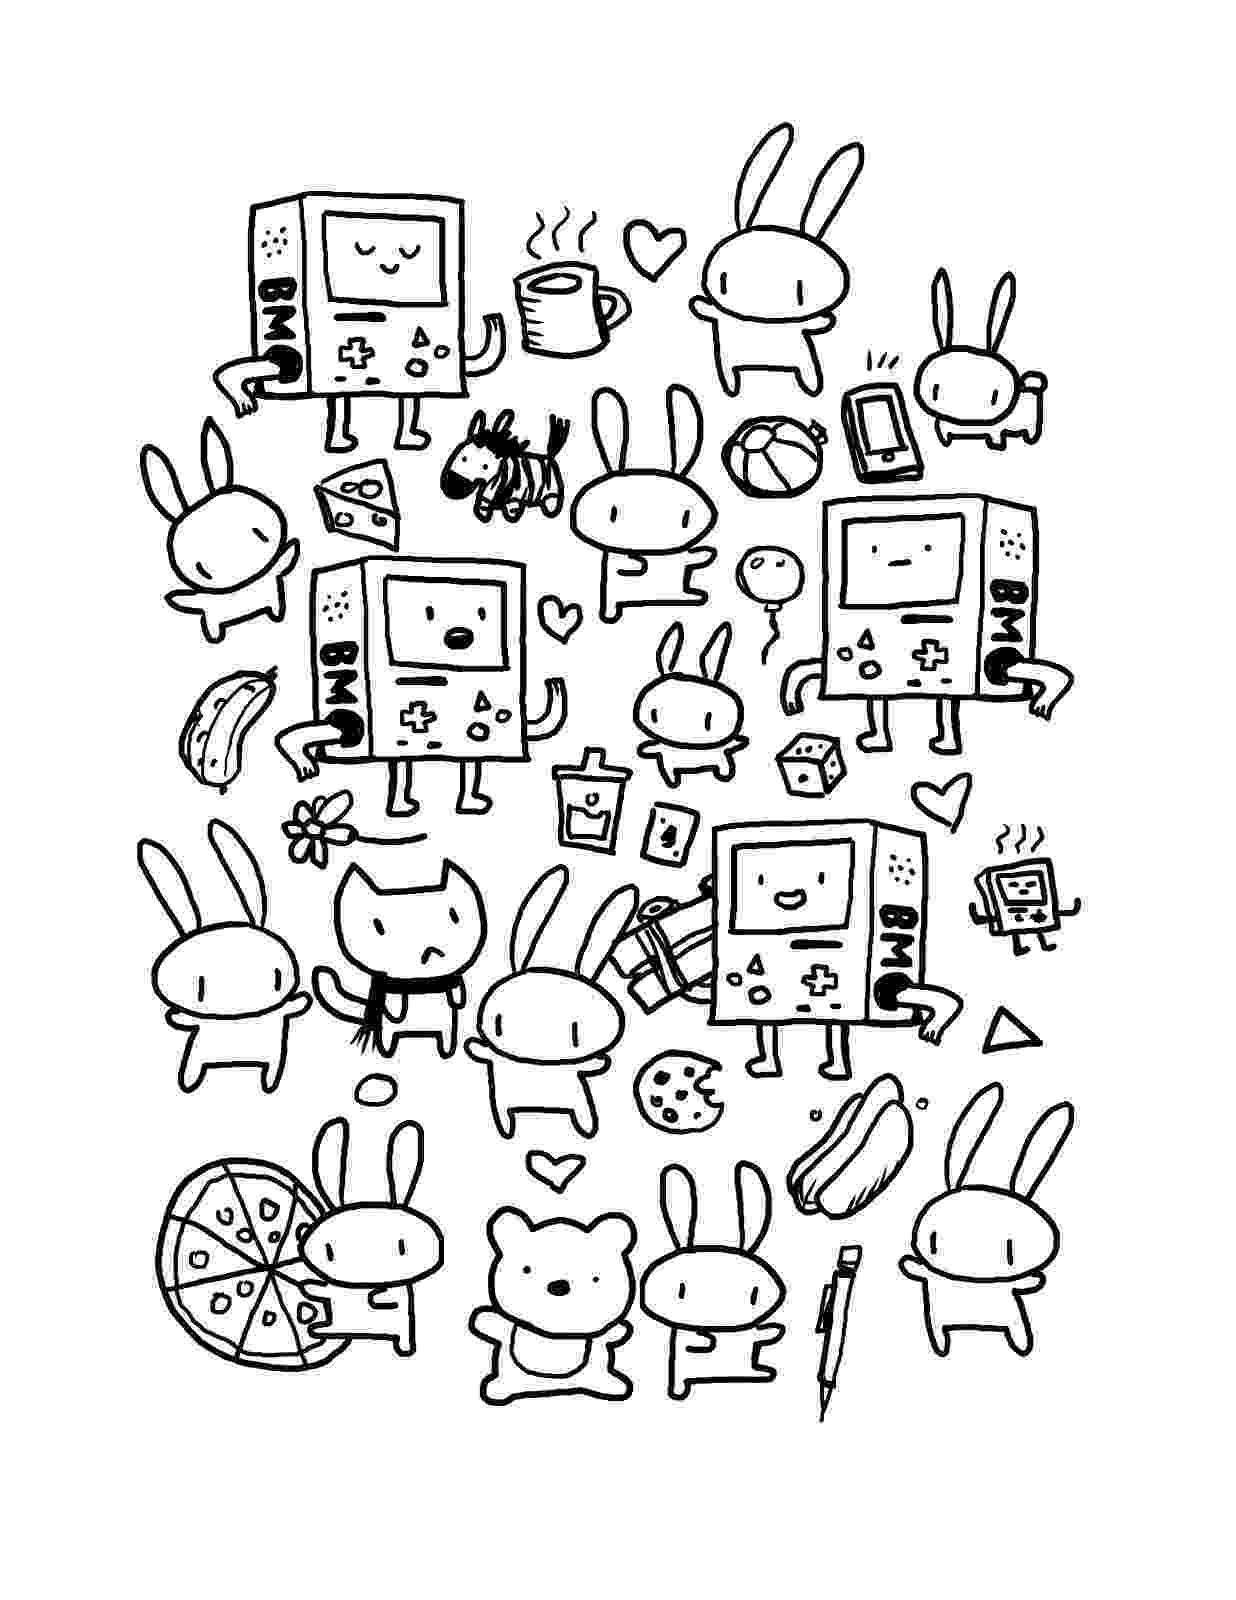 kawaii colouring pages kawaii coloring pages best coloring pages for kids pages colouring kawaii